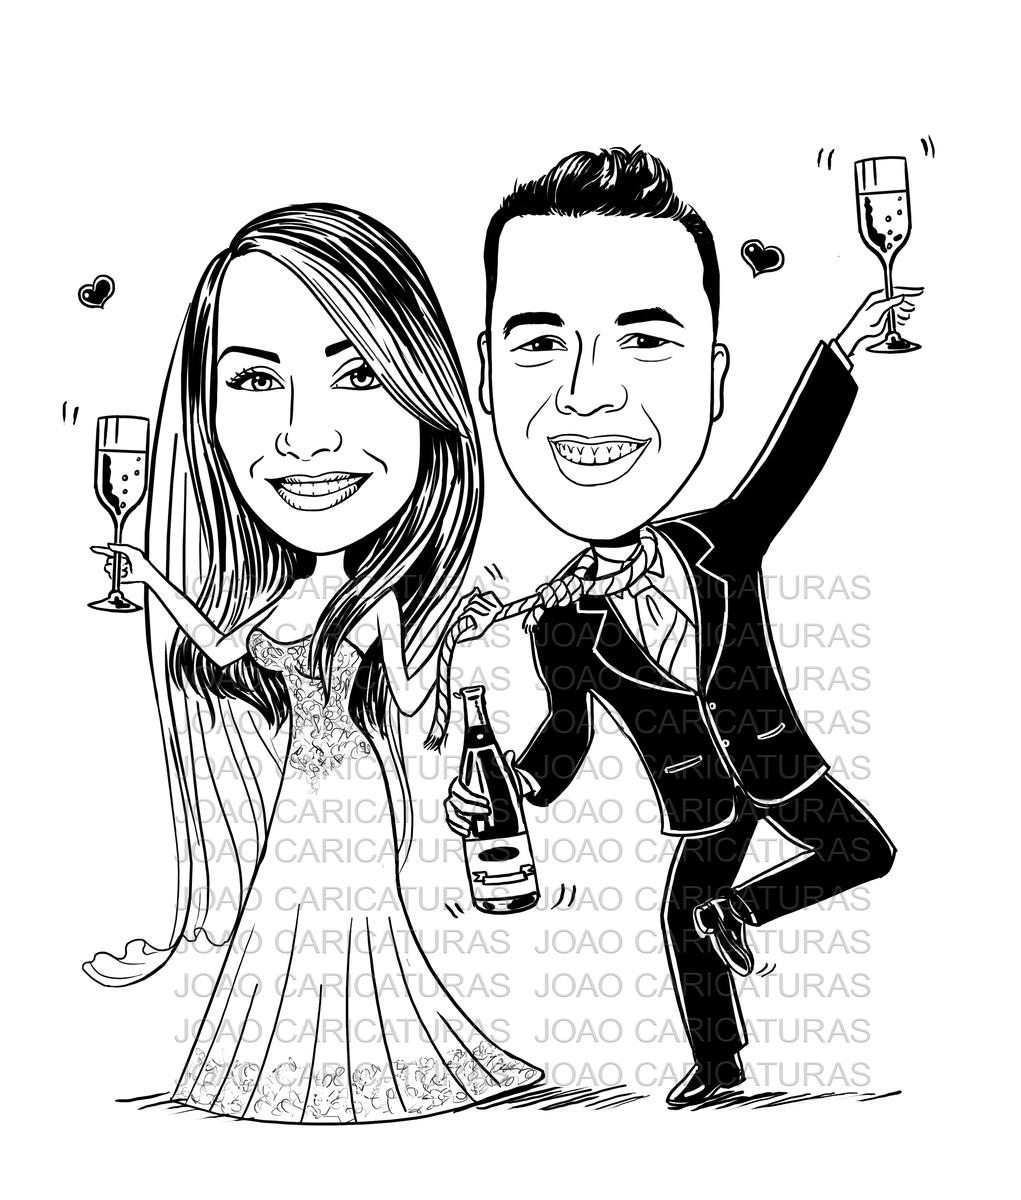 Caricatura De Casal Em Preto E Branco Tema Brindando No Elo7